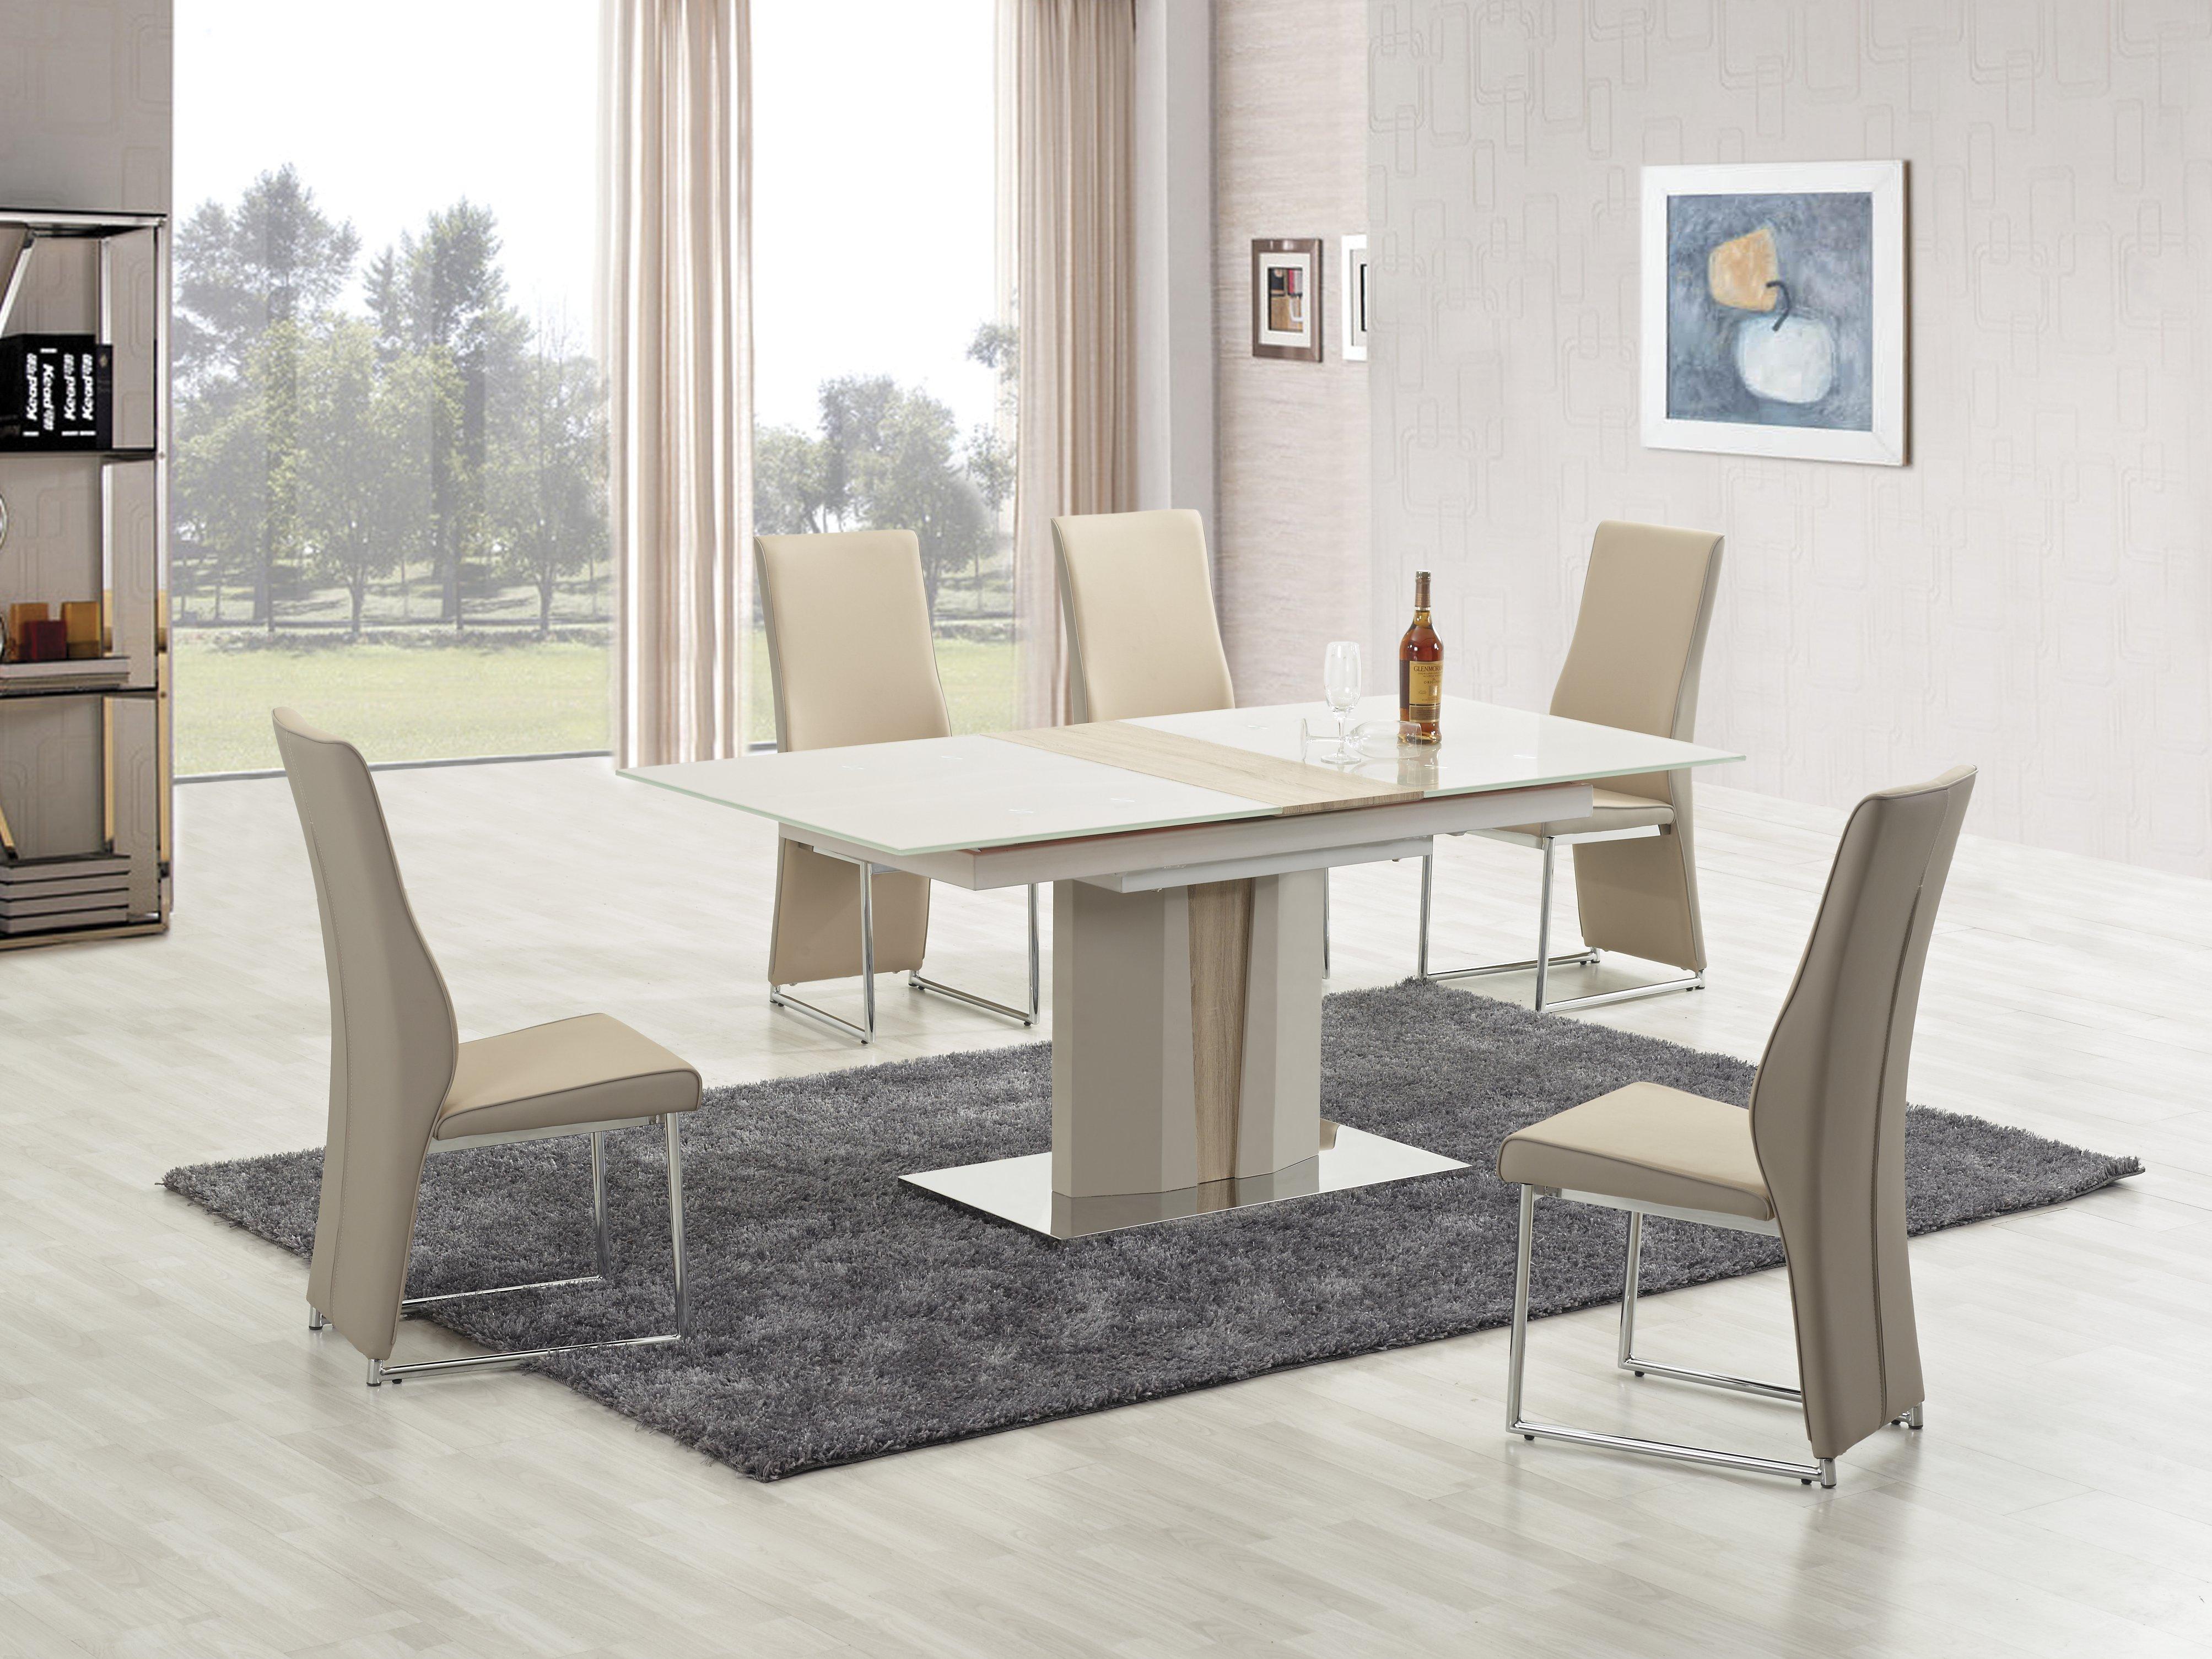 Jedálenský stôl - Halmar - Cameron (pre 6 až 8 osôb). Sme autorizovaný predajca Halmar. Vlastná spoľahlivá doprava až k Vám domov.